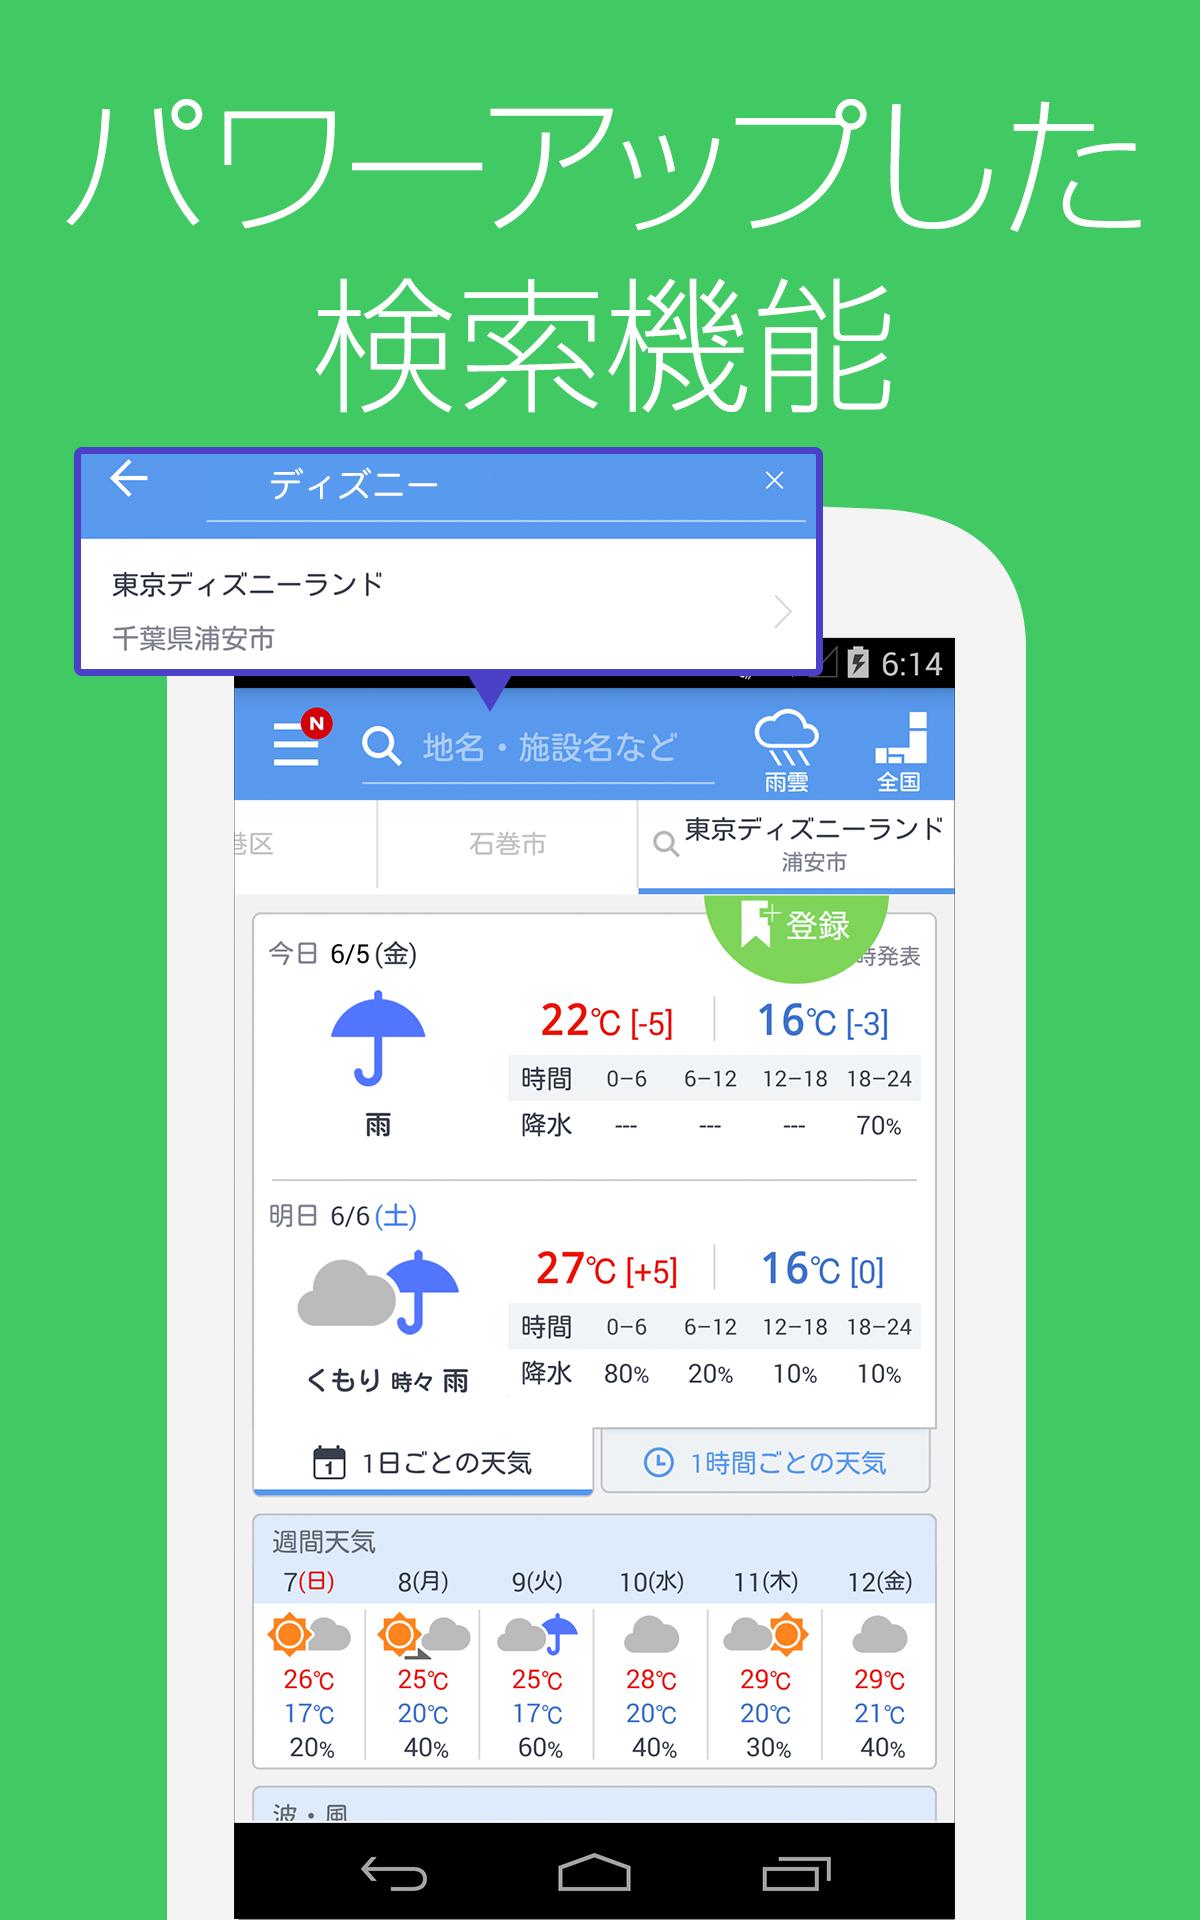 『Yahoo!天気 雨雲の接近や台風の進路がわかる無料の気象予報・情報アプリ』の6枚目の画像